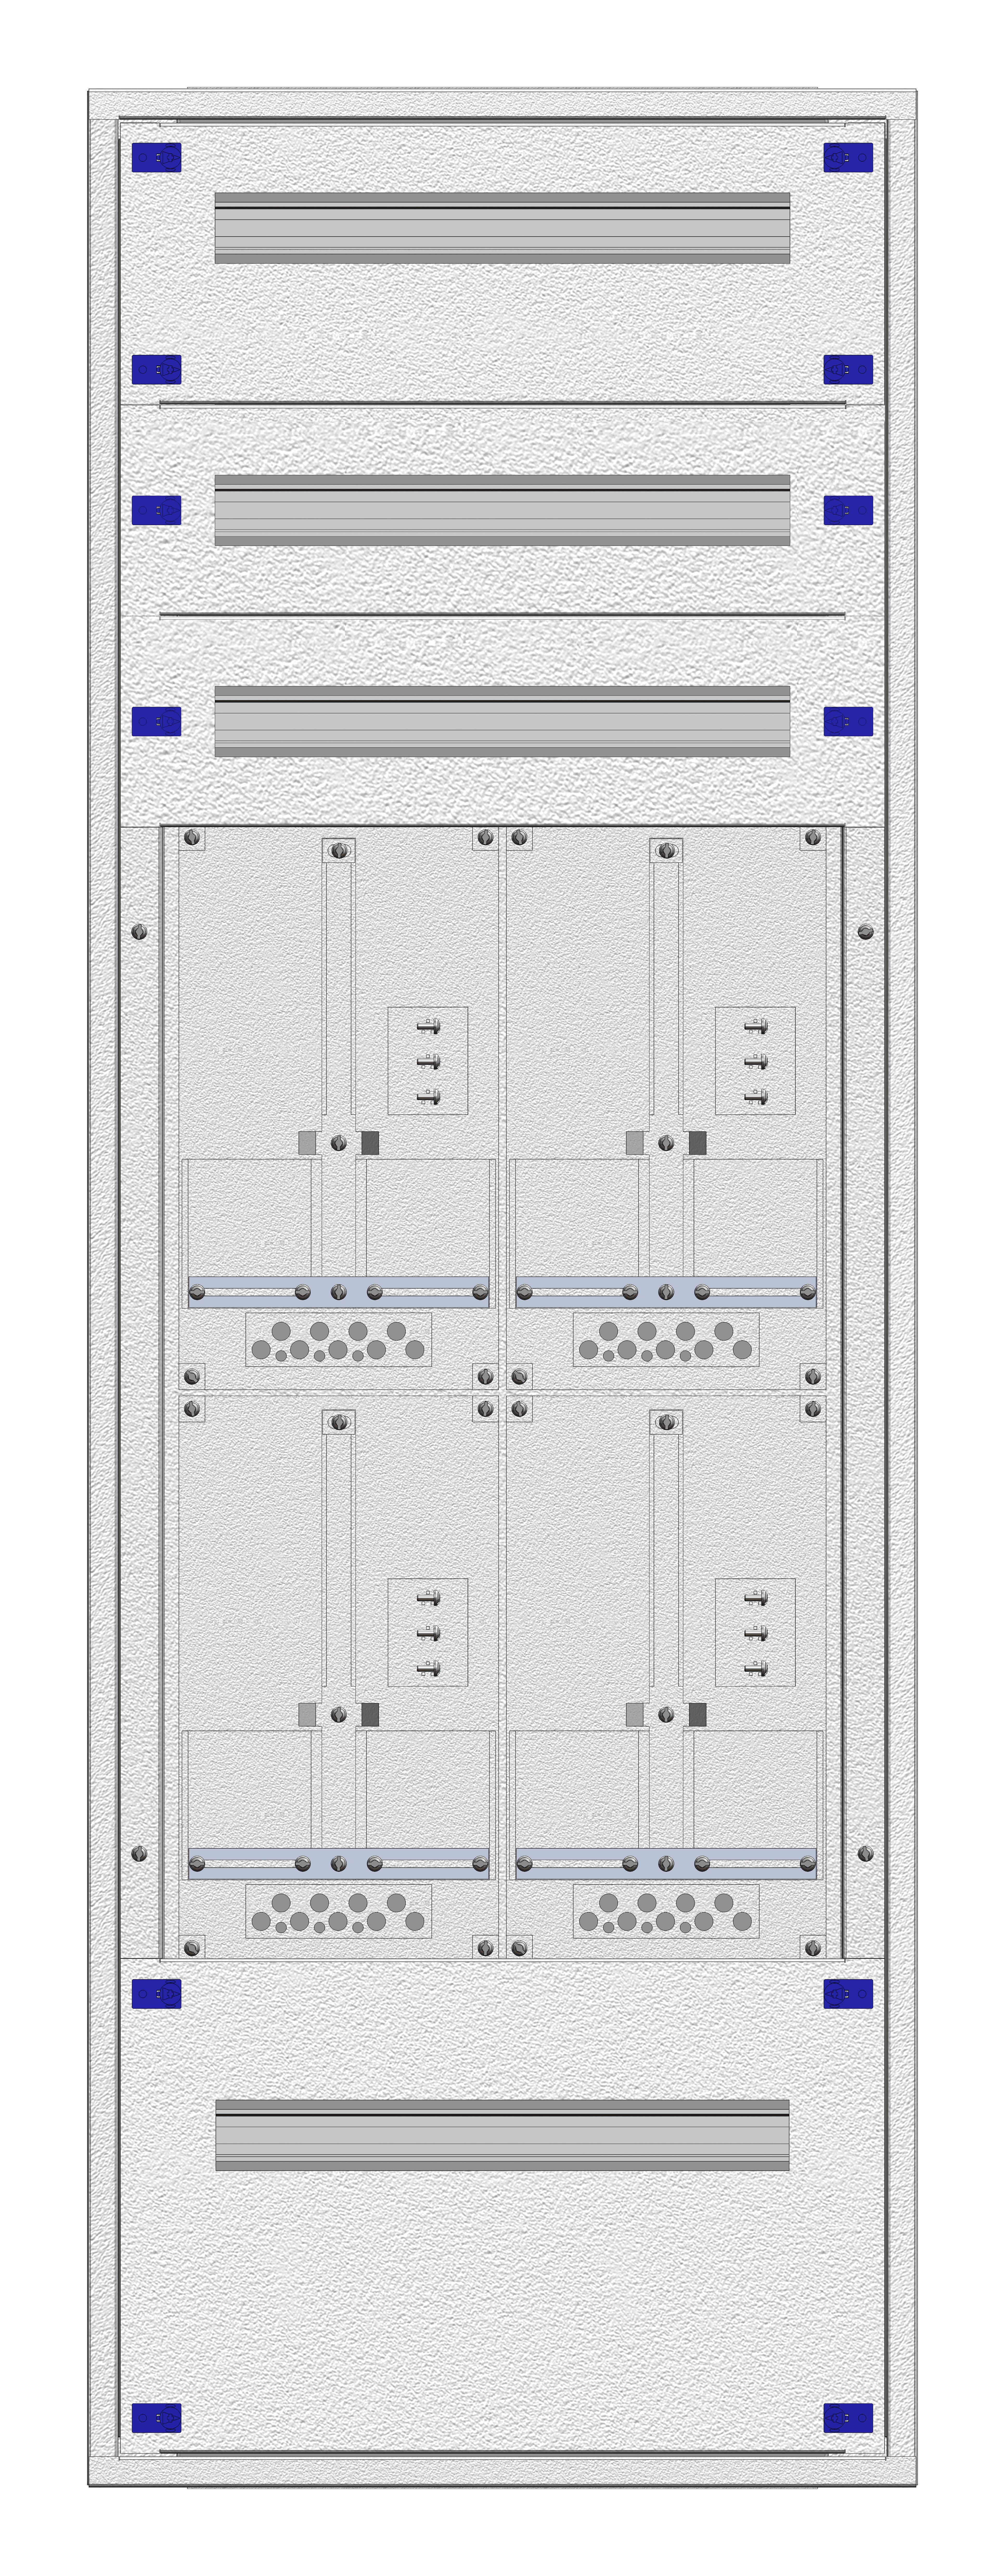 1 Stk Aufputz-Zählerverteiler 2A-33G/OOE 4ZP, H1605B590T250mm IL162233OS